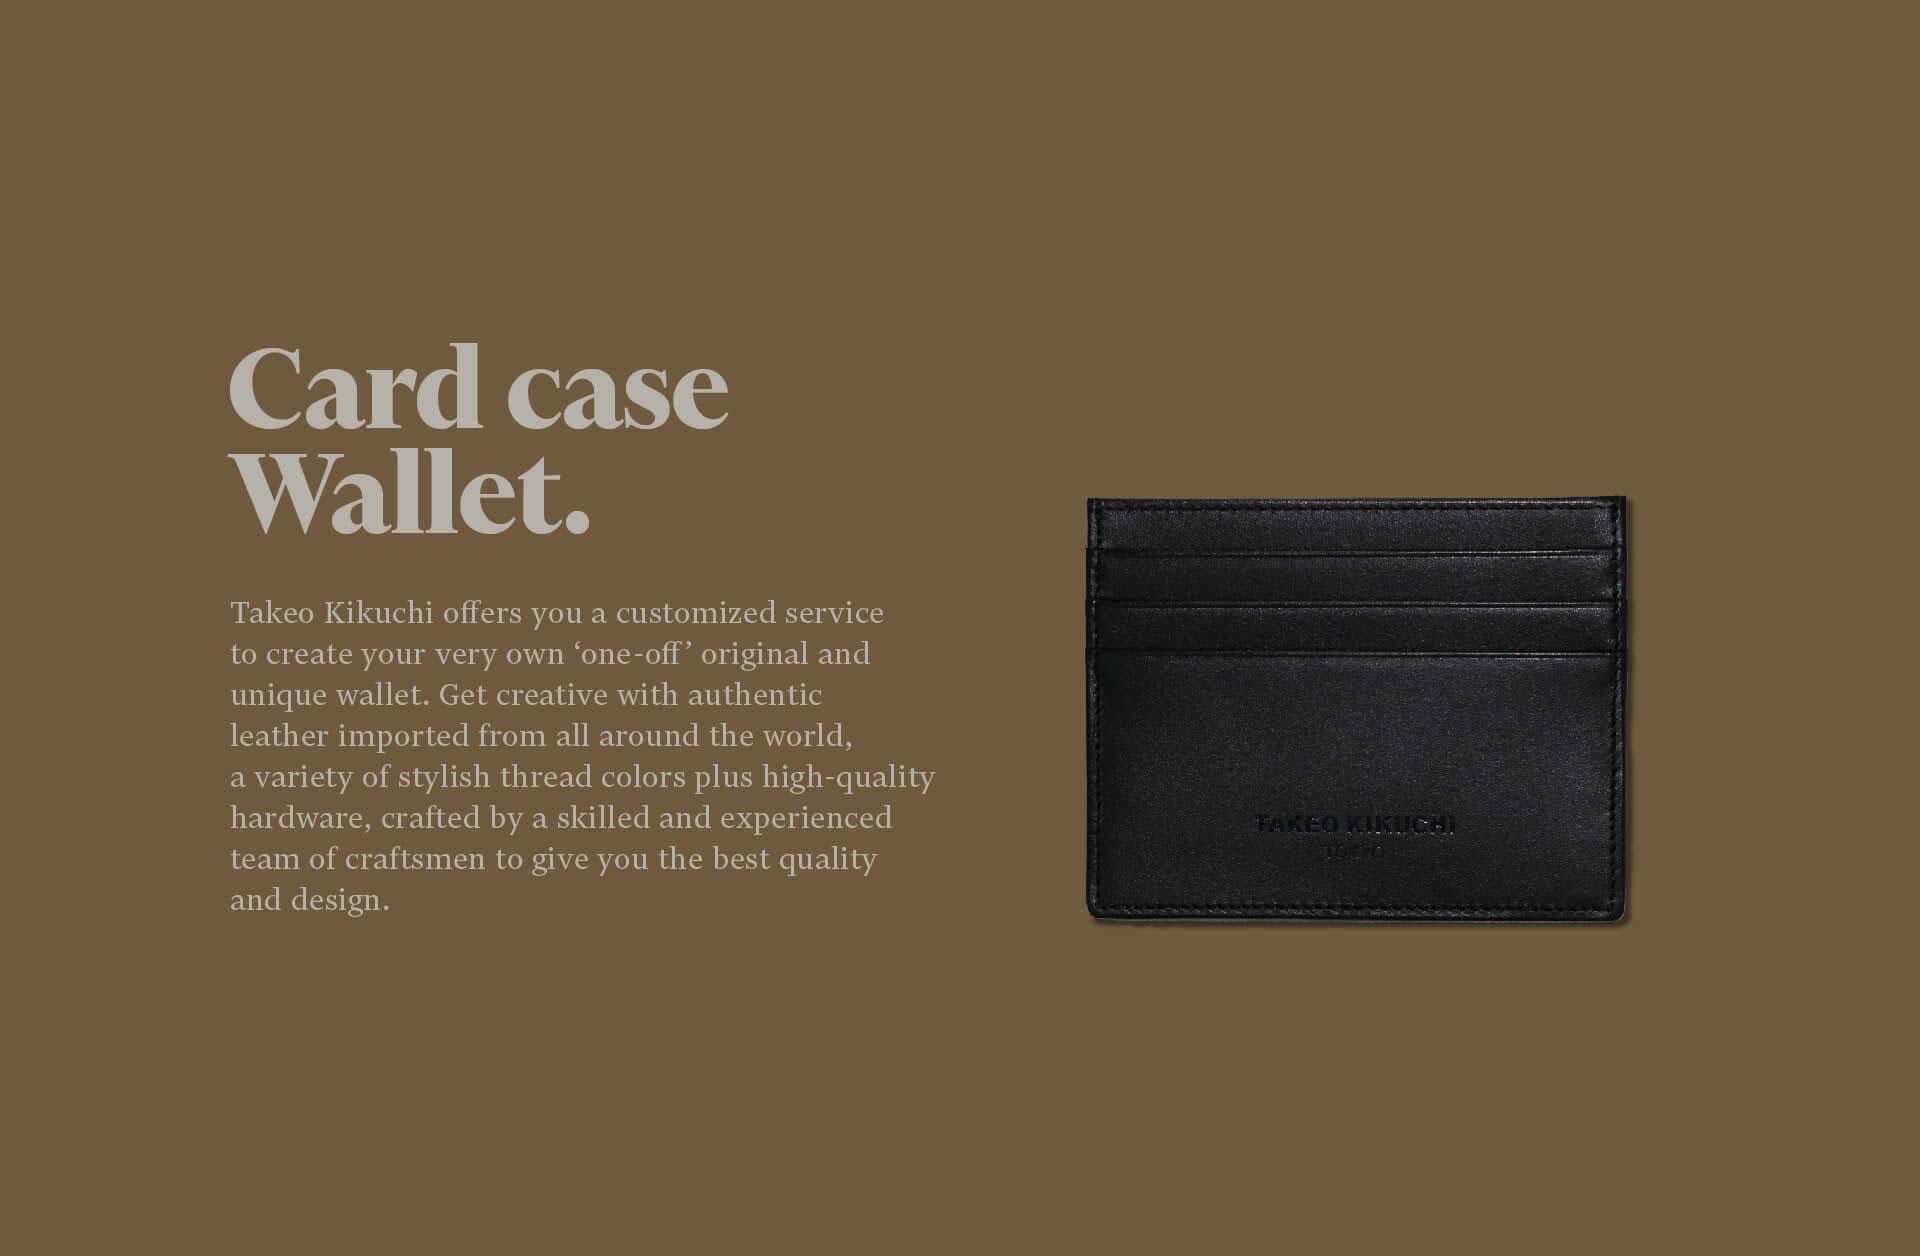 cardcase-wallet